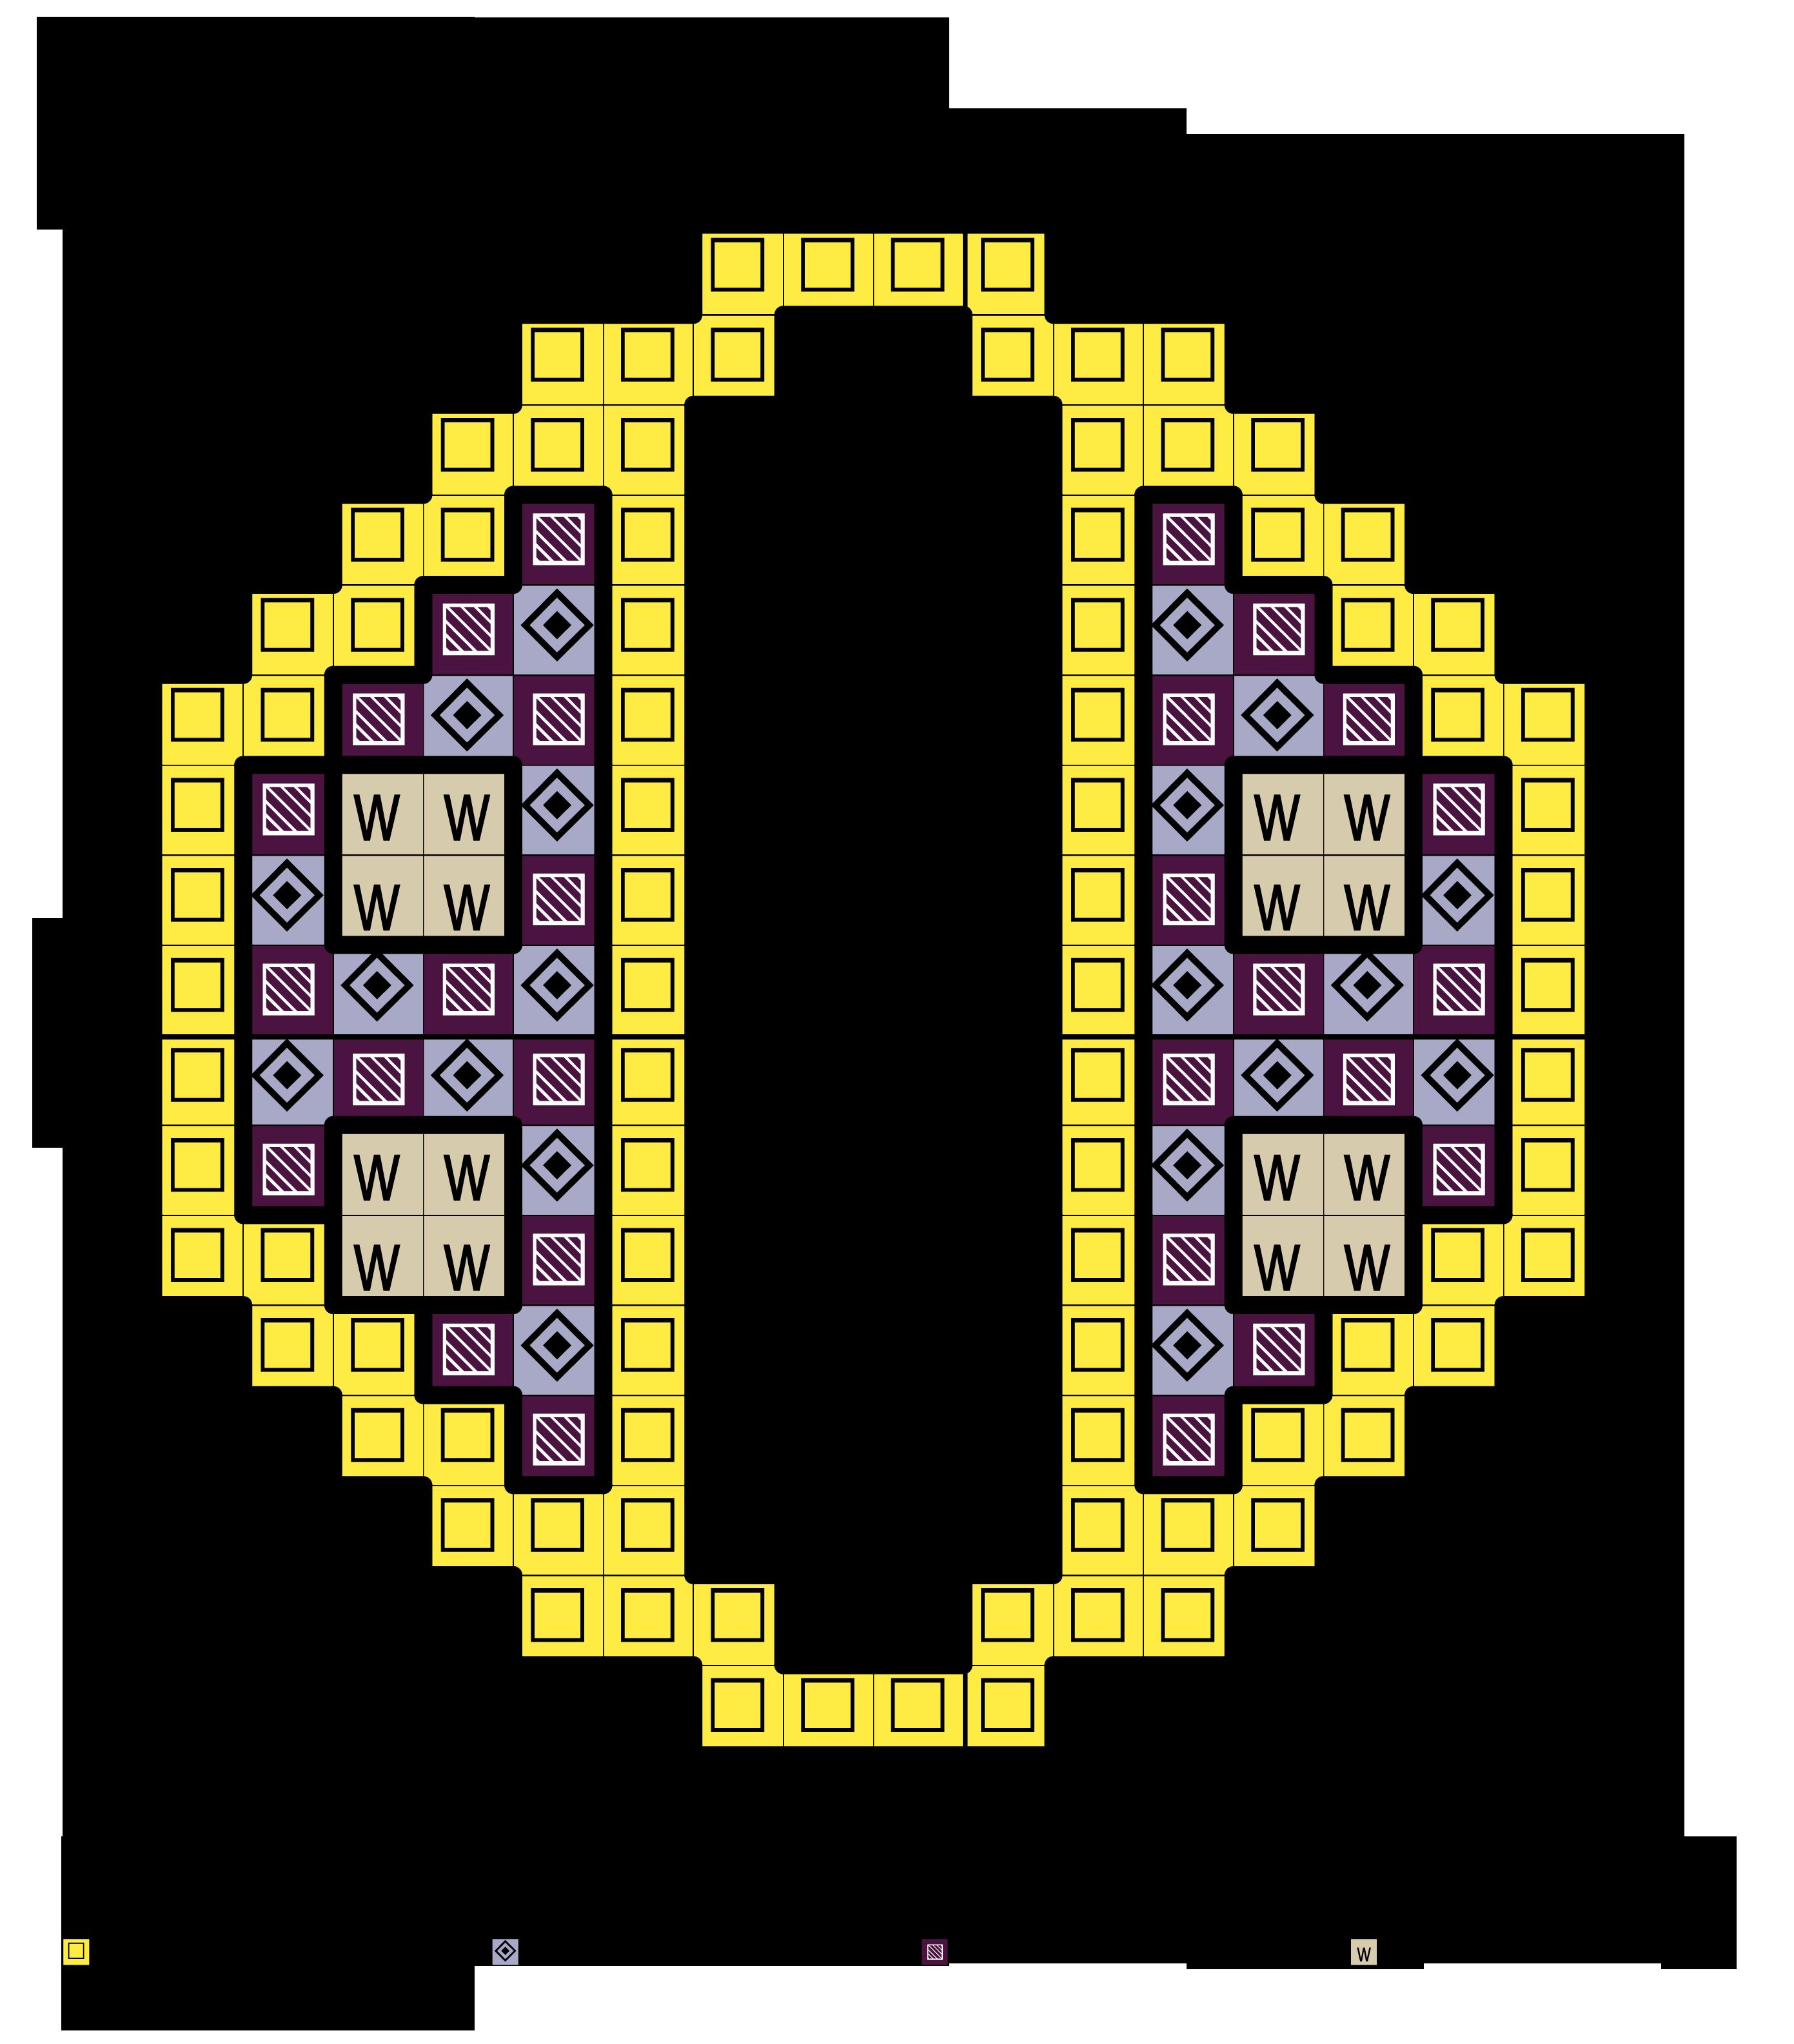 alfabeto minuscolo decorato a quadretti O